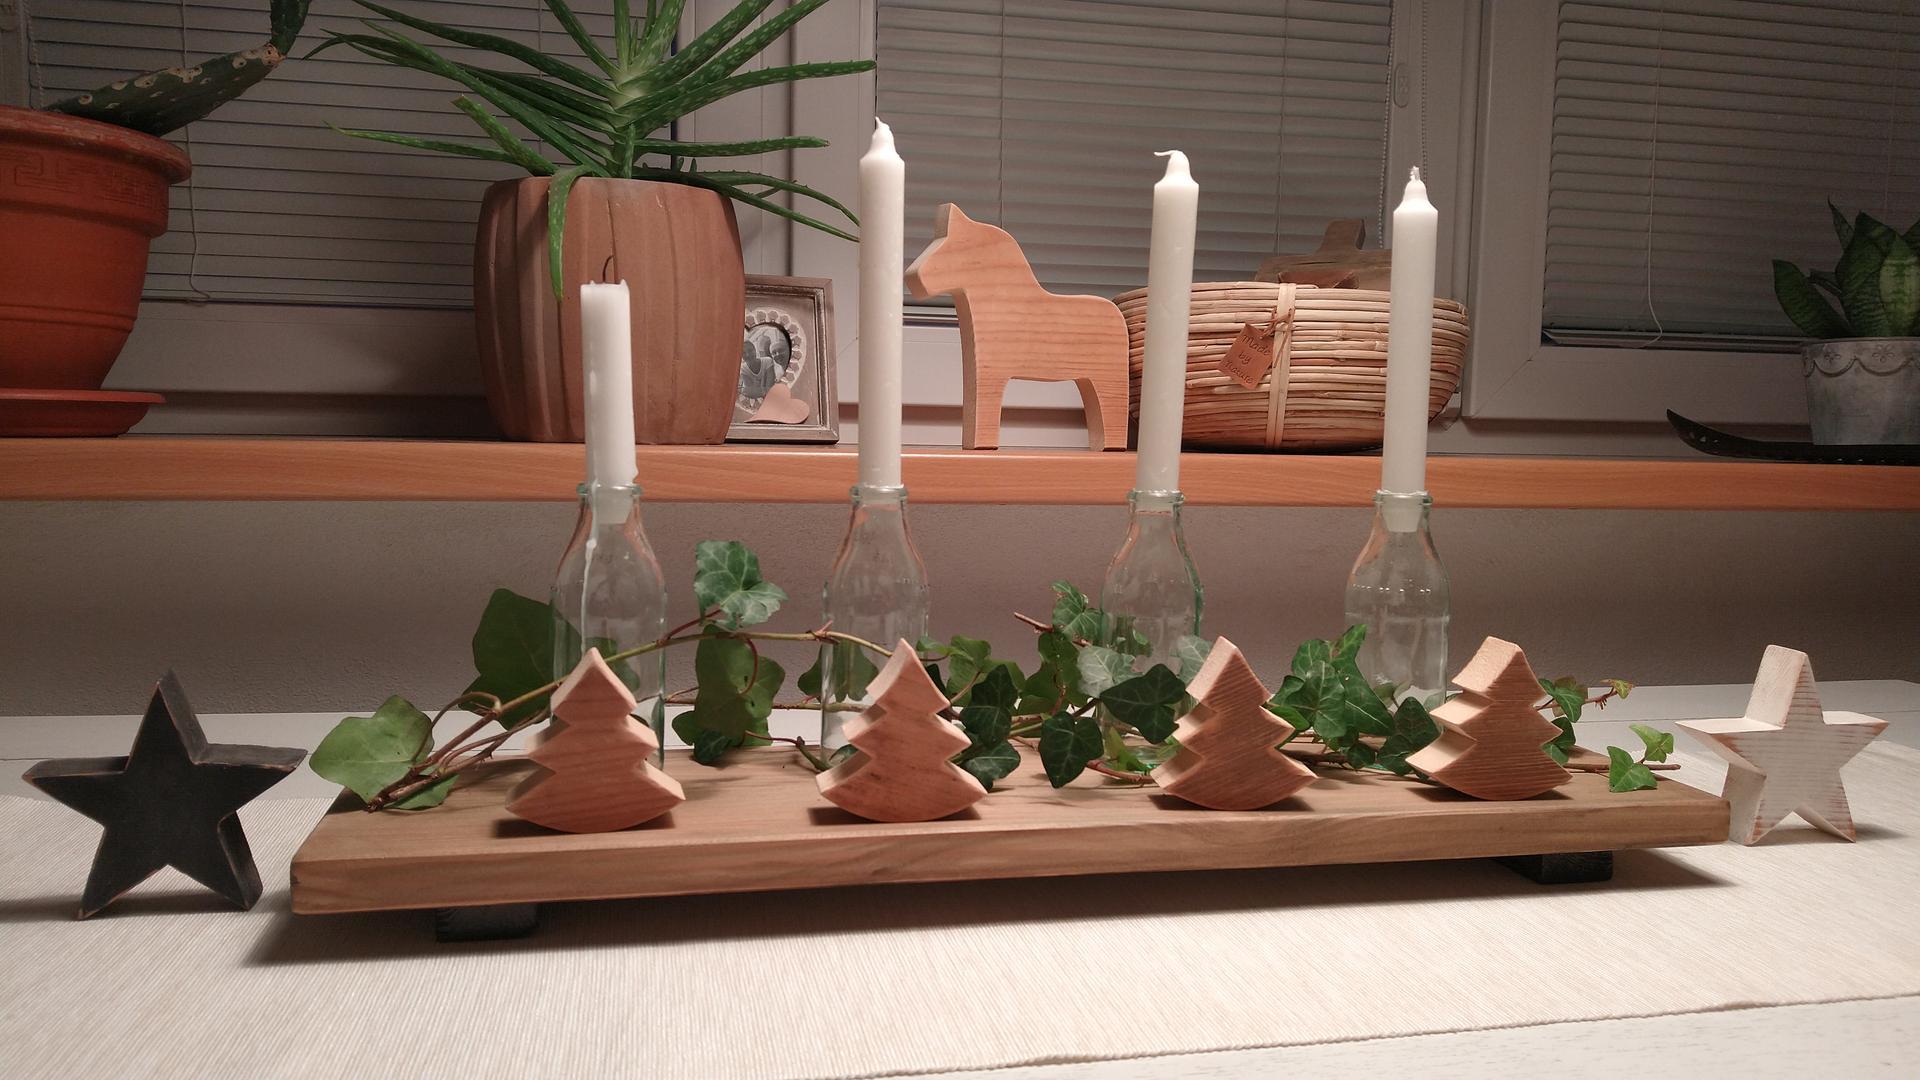 Vianočné dekorácie,advent a vianoce 2020 - Obrázok č. 6